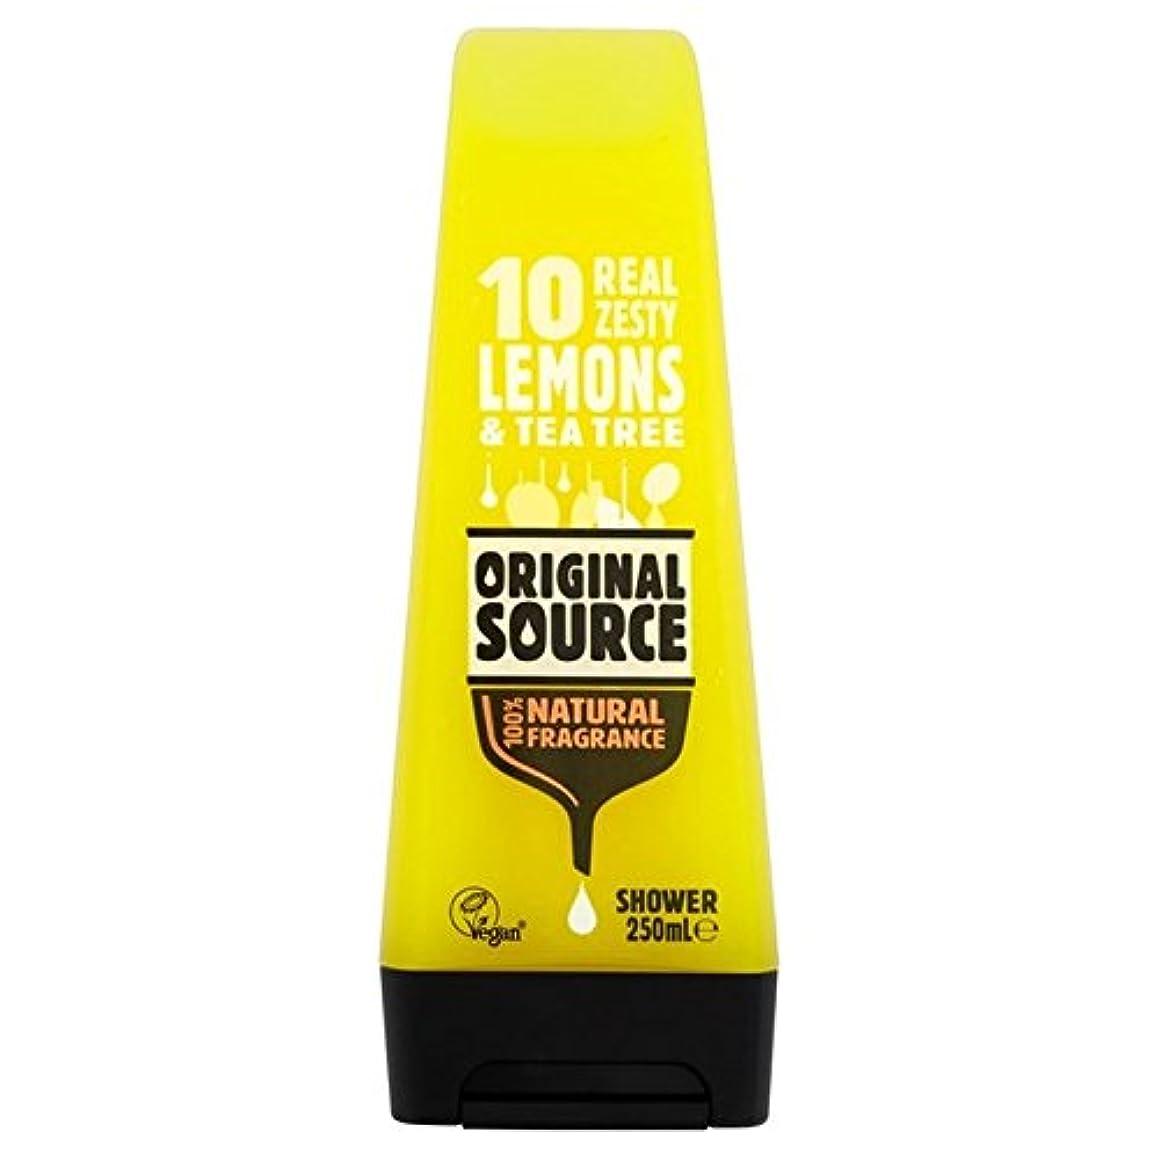 ホステススカート時期尚早Original Source Lemon Shower Gel 250ml - 元のソースのレモンシャワージェル250ミリリットル [並行輸入品]